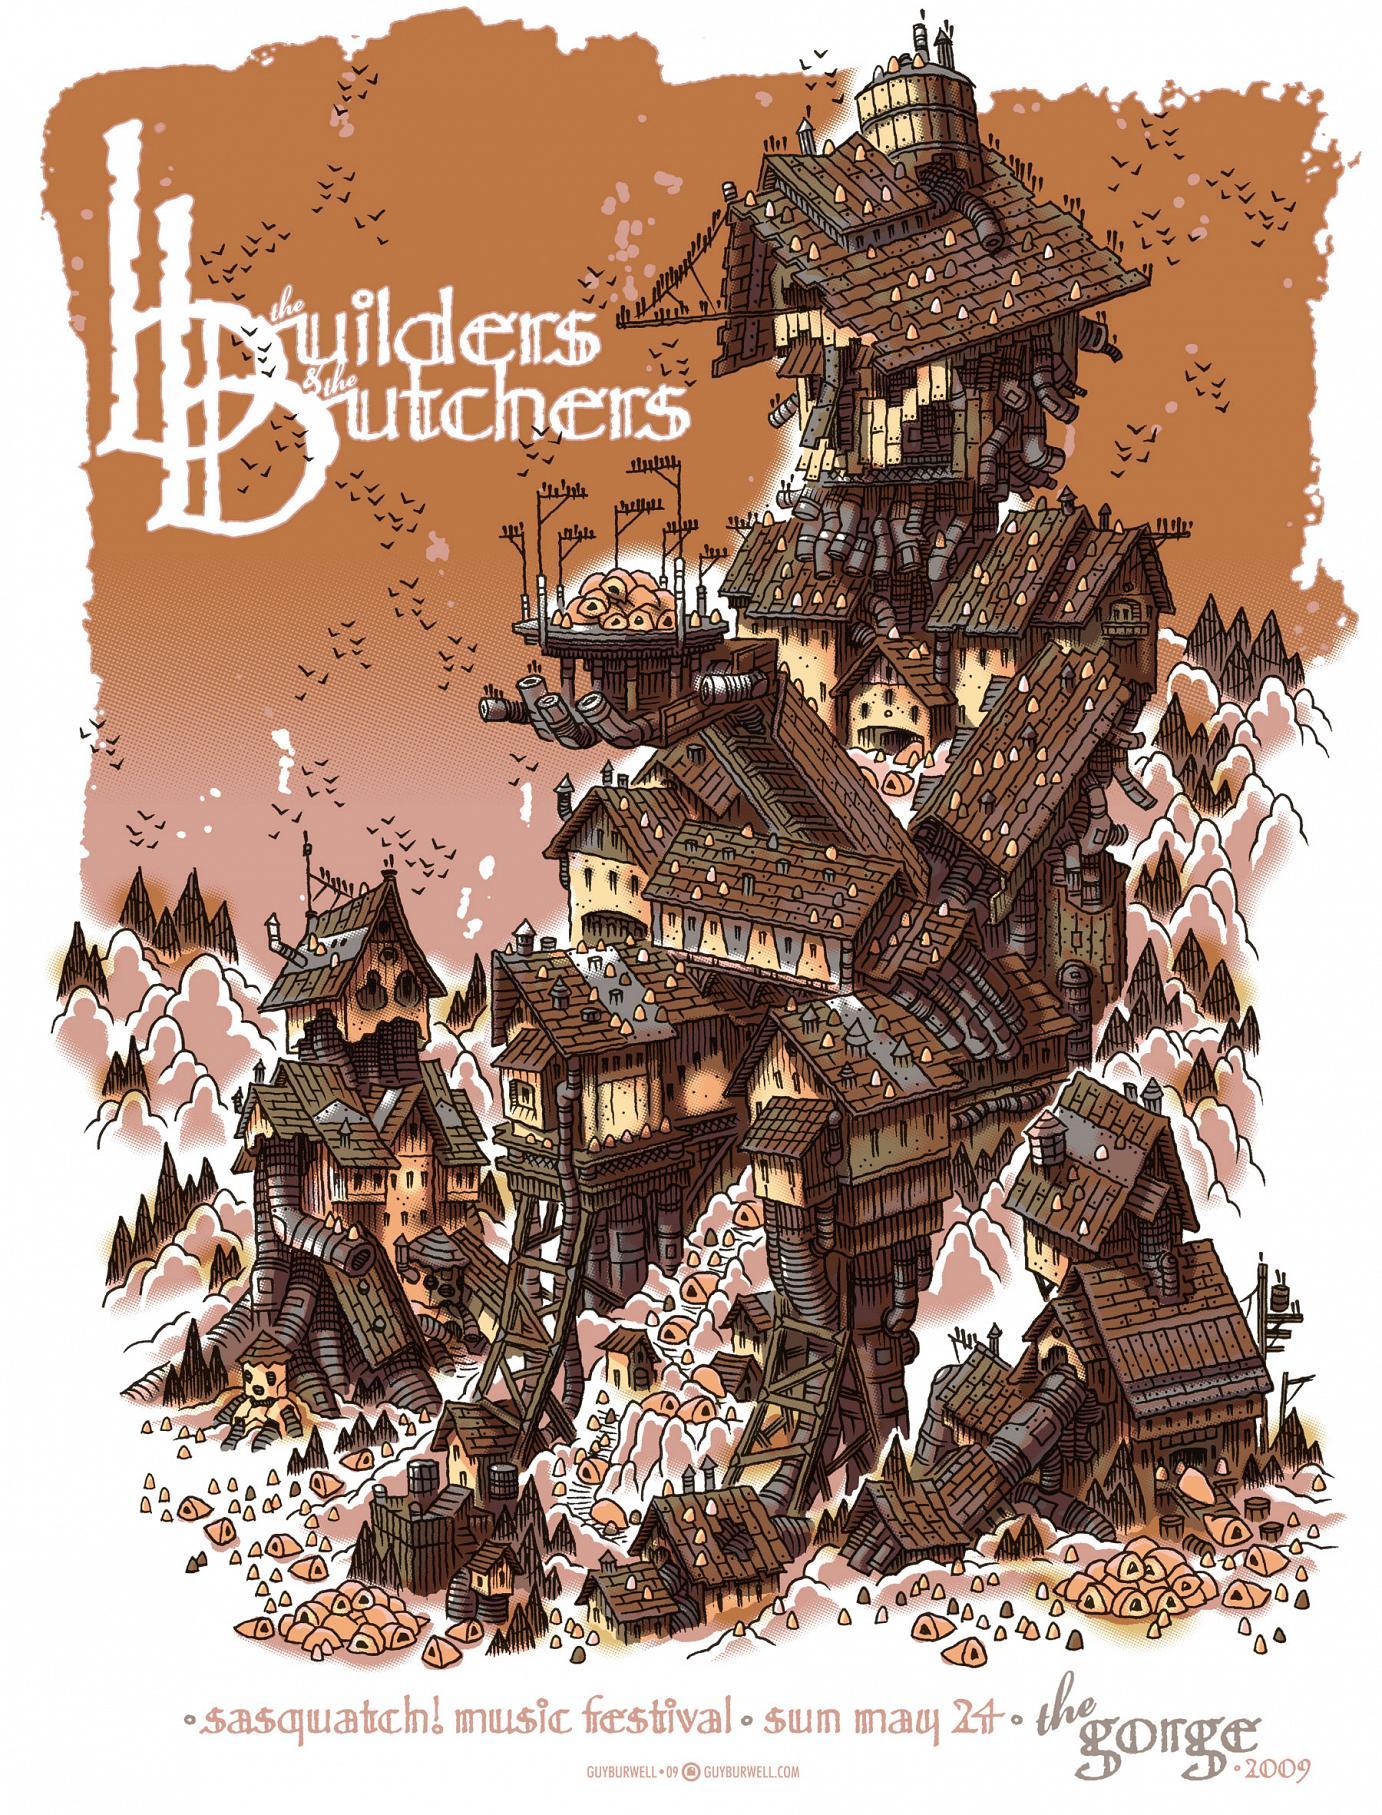 Guy Burwells Konzertplakat für den Auftritt von The Builders & The Butchers beim Sasquatch Music Festival 2009 fünffarbiger Siebdruck · 60 x 44,5 cm · Auflage 110 Stück